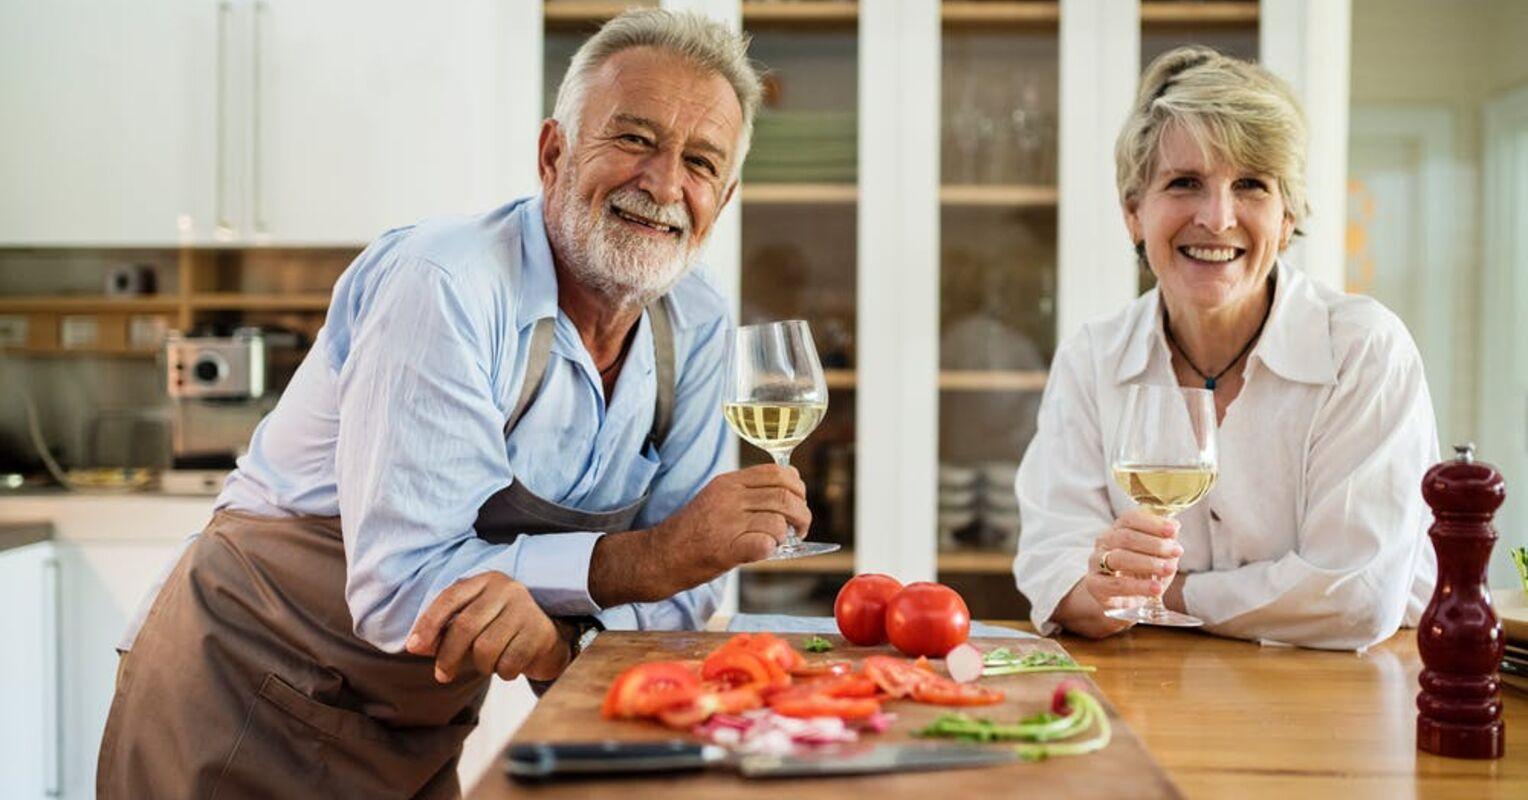 Αυτοφροντίδα στη μέση ηλικία: Πως να φροντίσετε τον εαυτό σας αν είστε άνω των 50